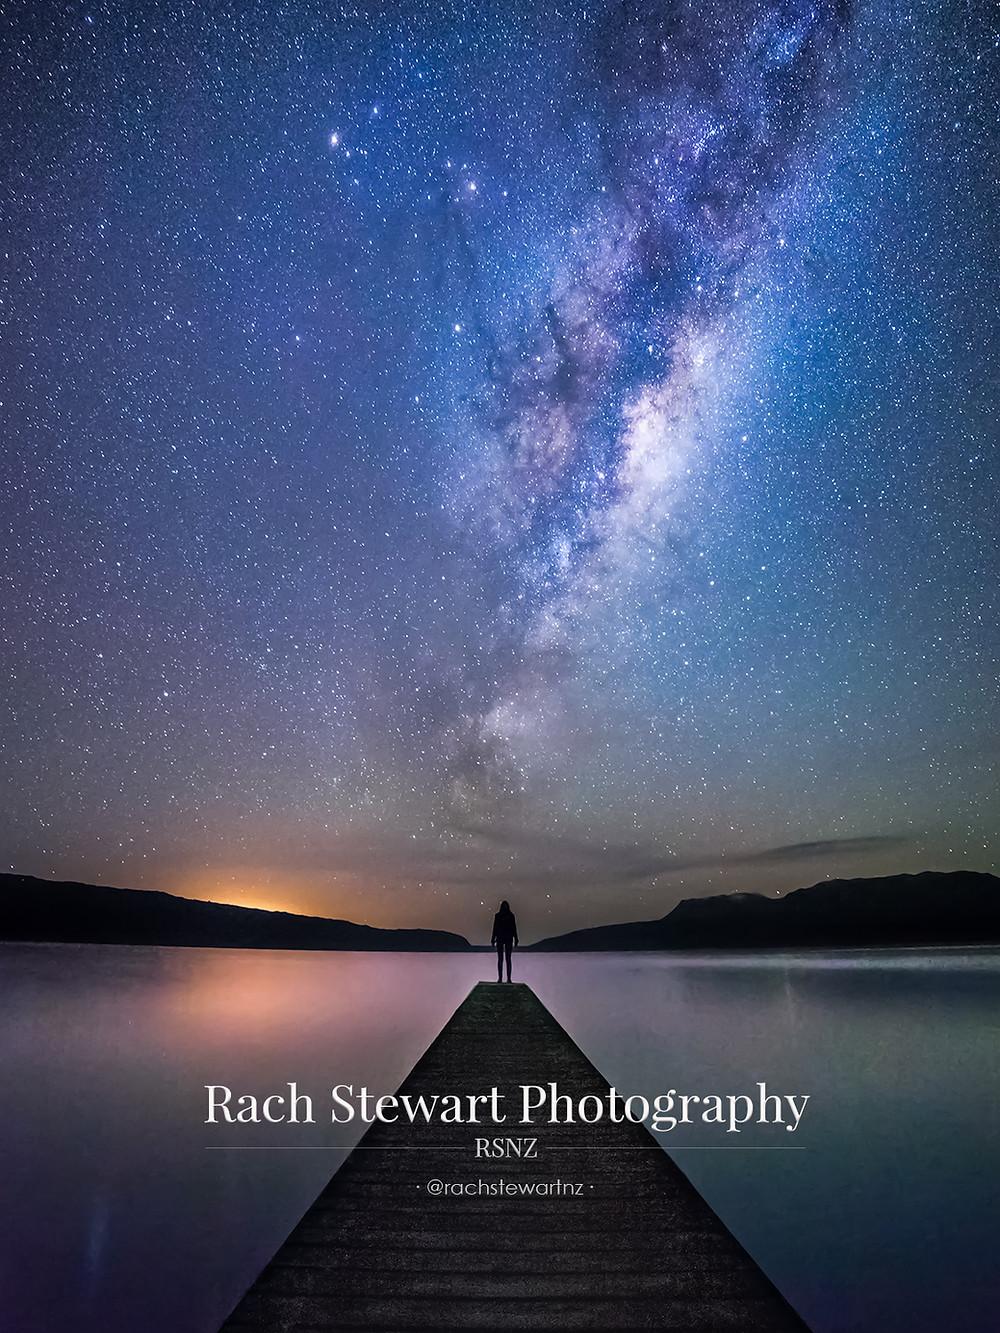 Lake Tarawera astrophotography